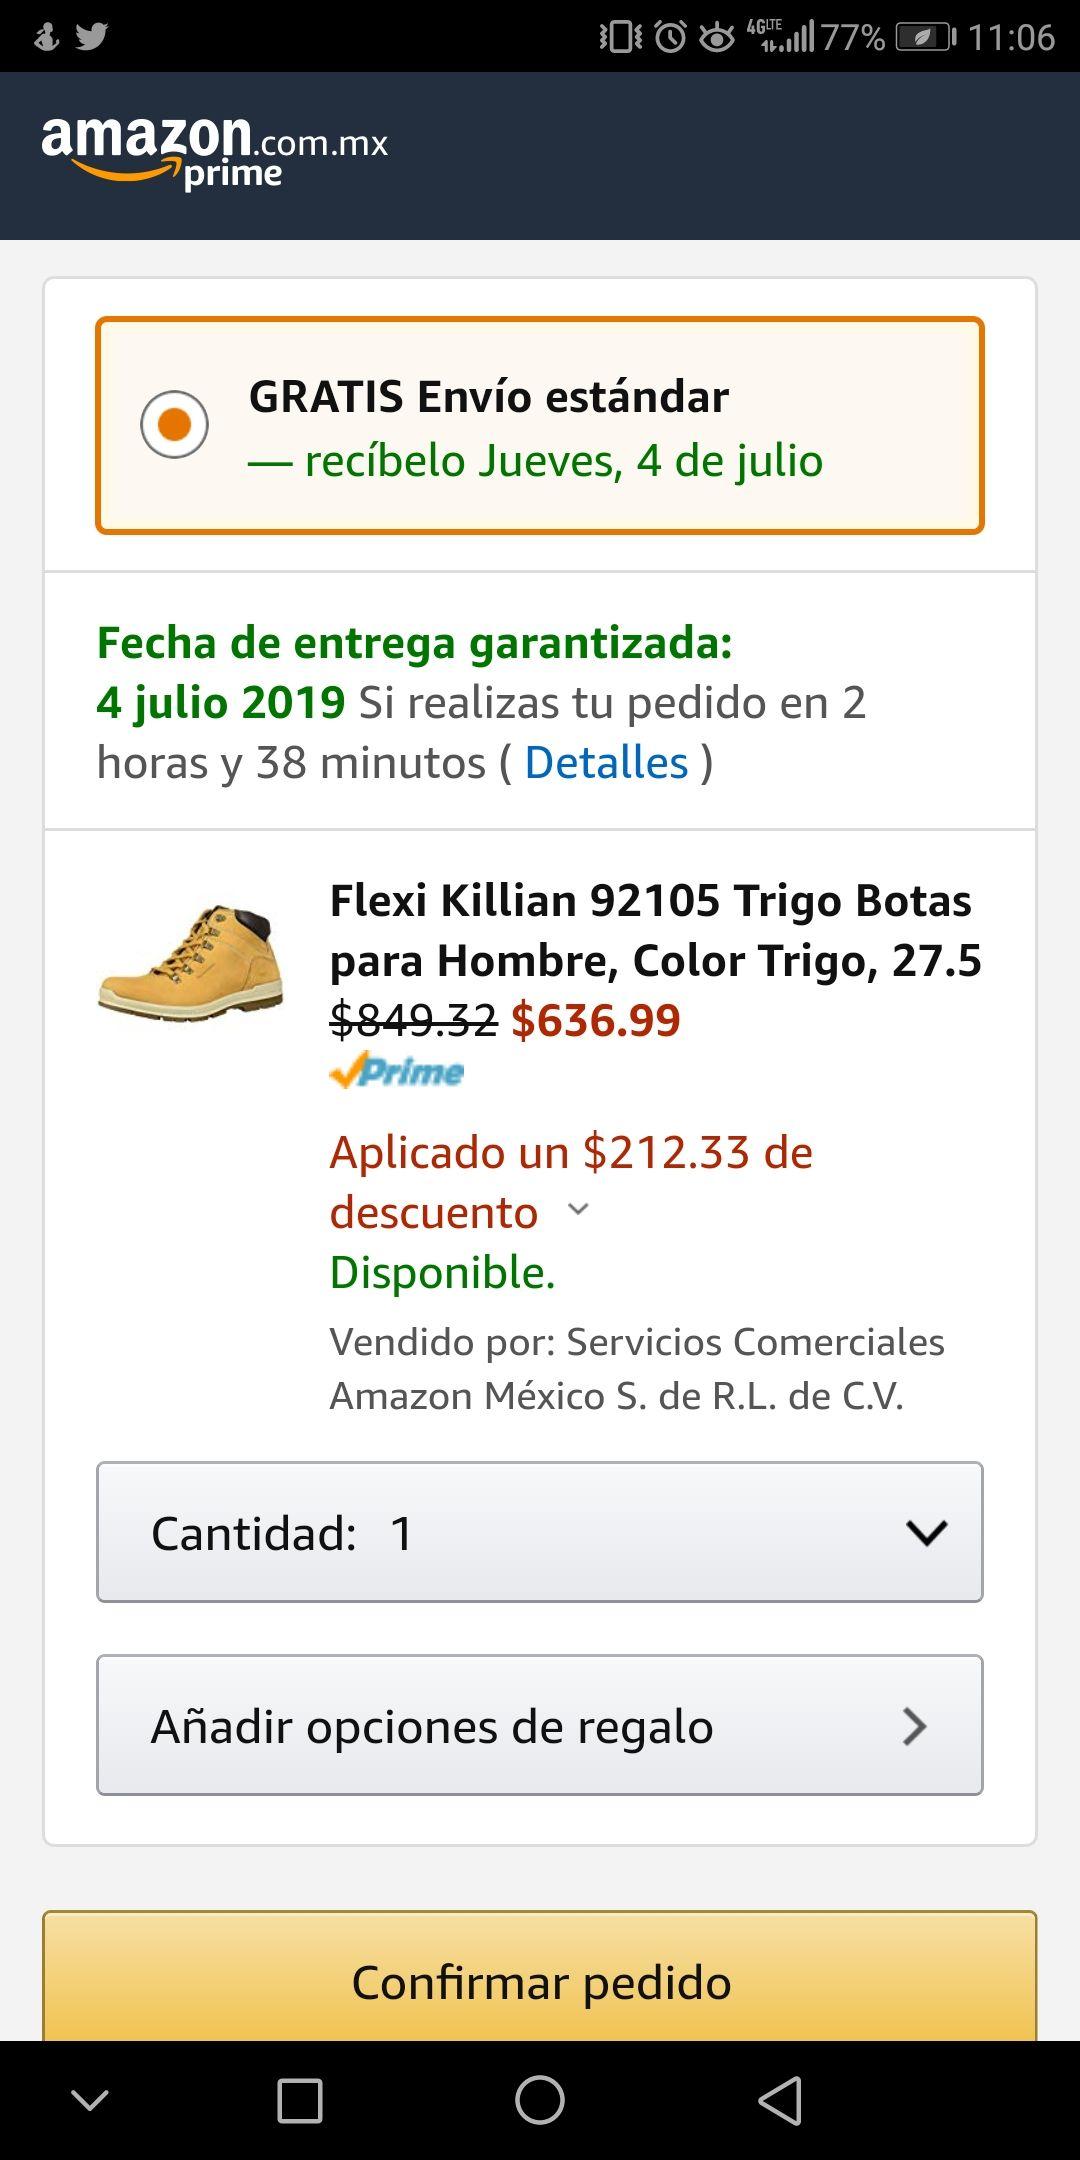 Amazon: Botas Flexi varios números de 1099 a 636.99